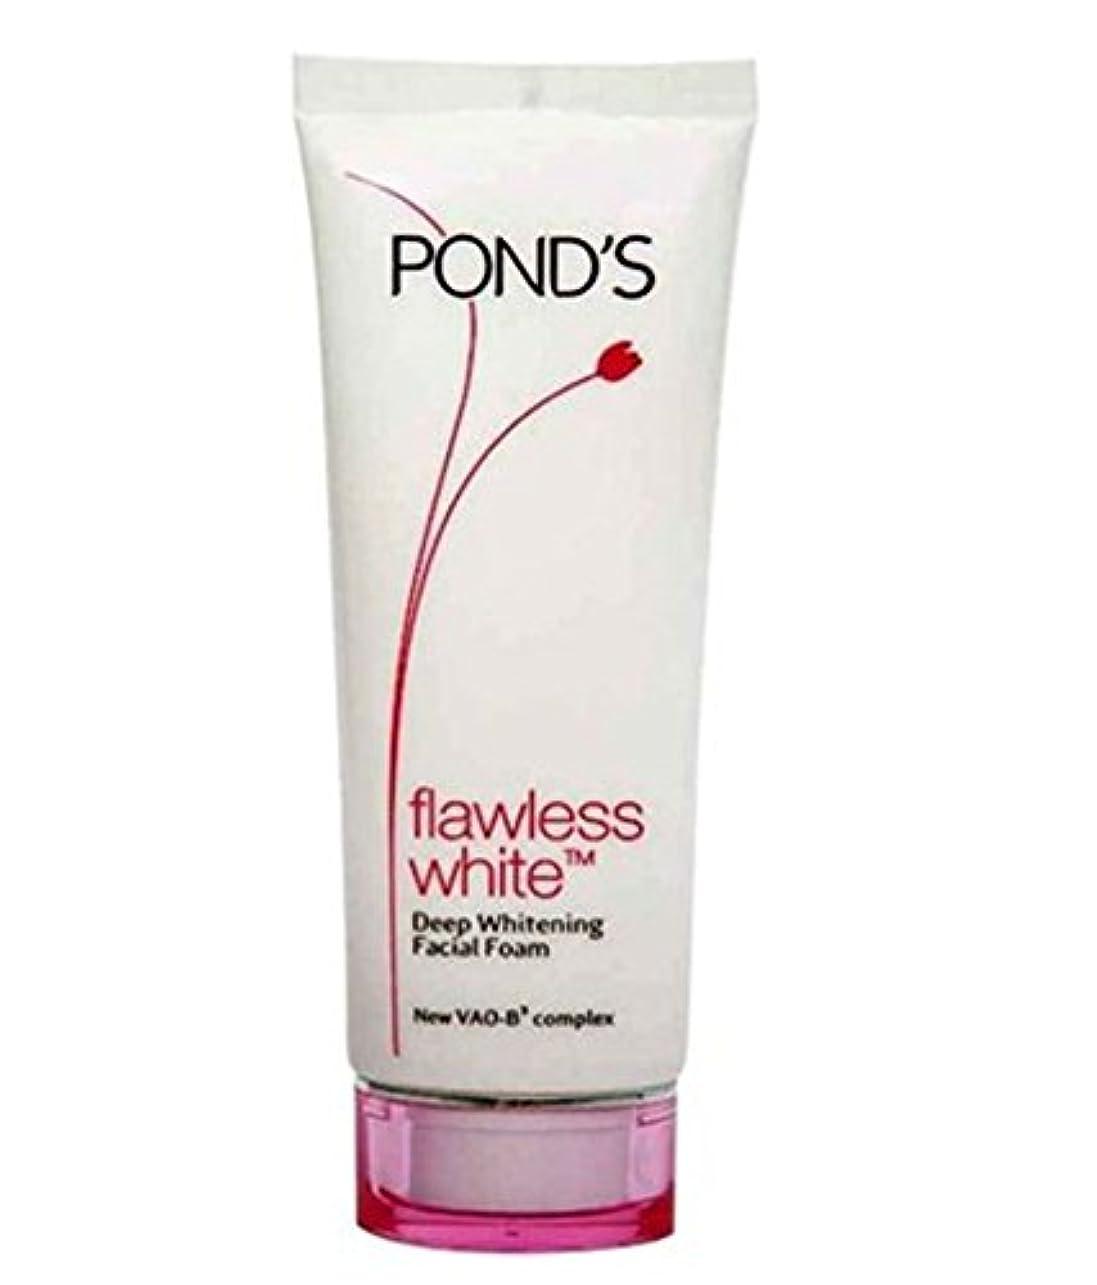 シアー賠償閲覧するPond's Flawless White Deep Whitening Facial Foam, 100g